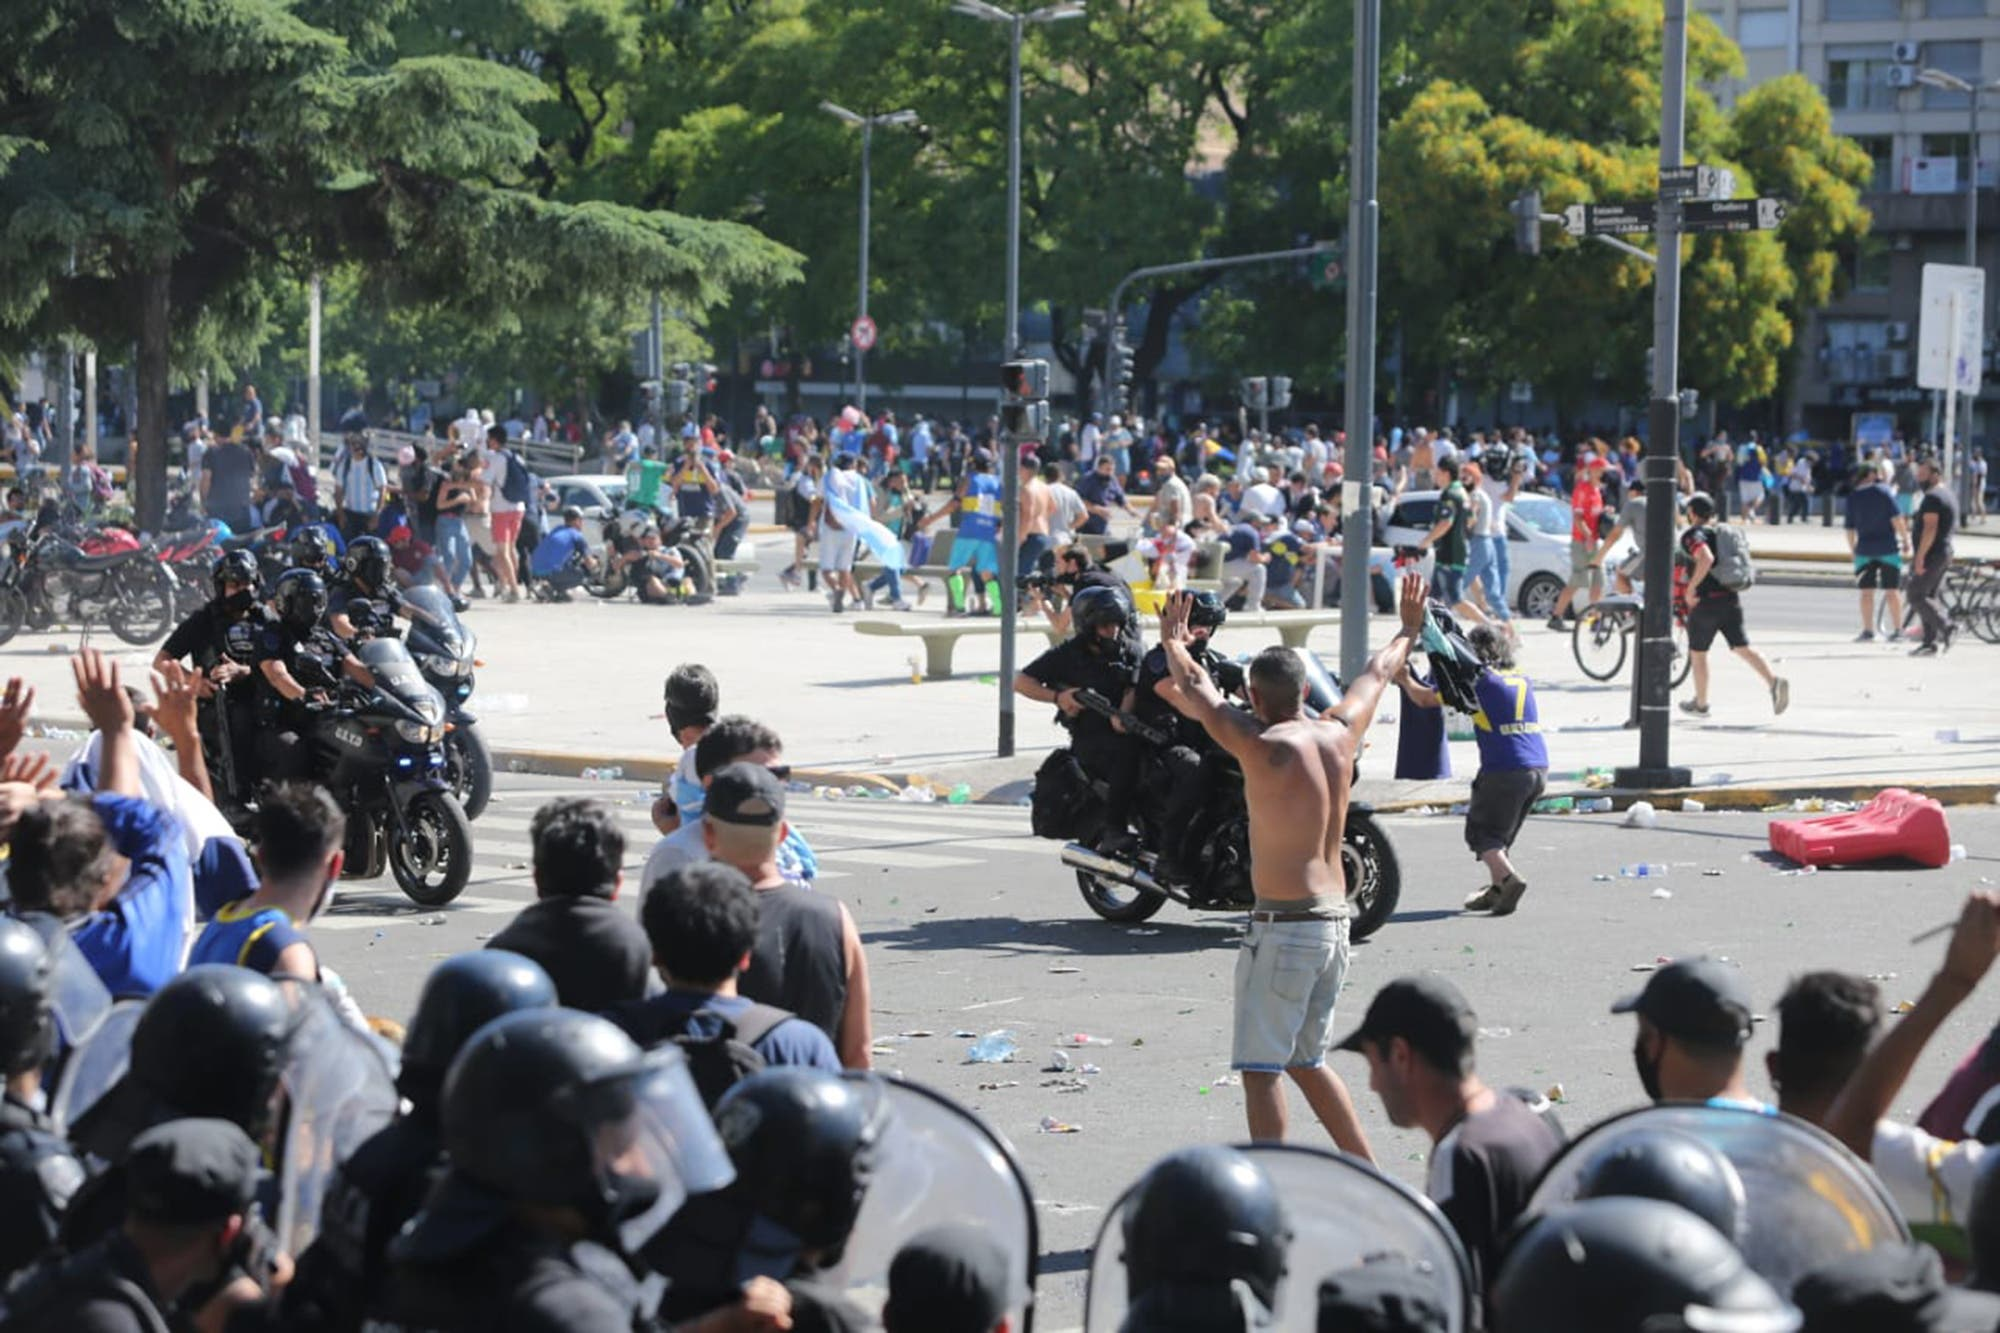 La muerte de Maradona. Cinco fuerzas no pudieron evitar la postal de incidentes